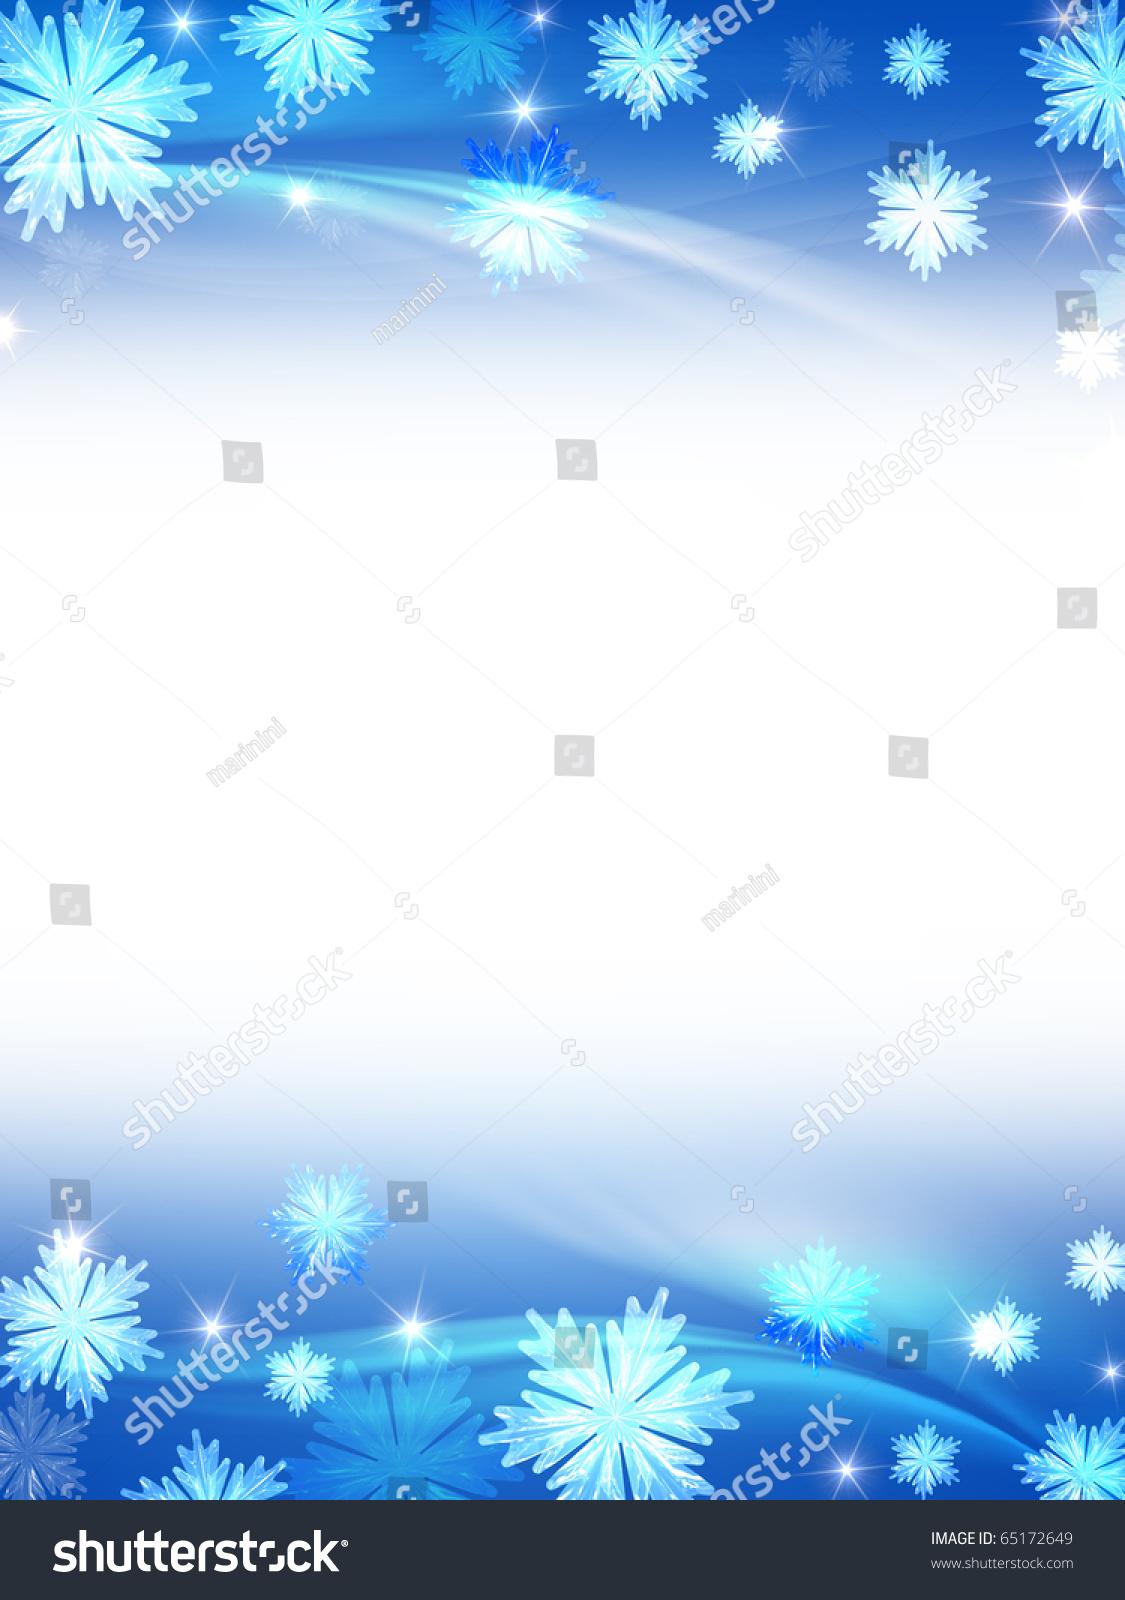 1280x800 white blue christmas - photo #22